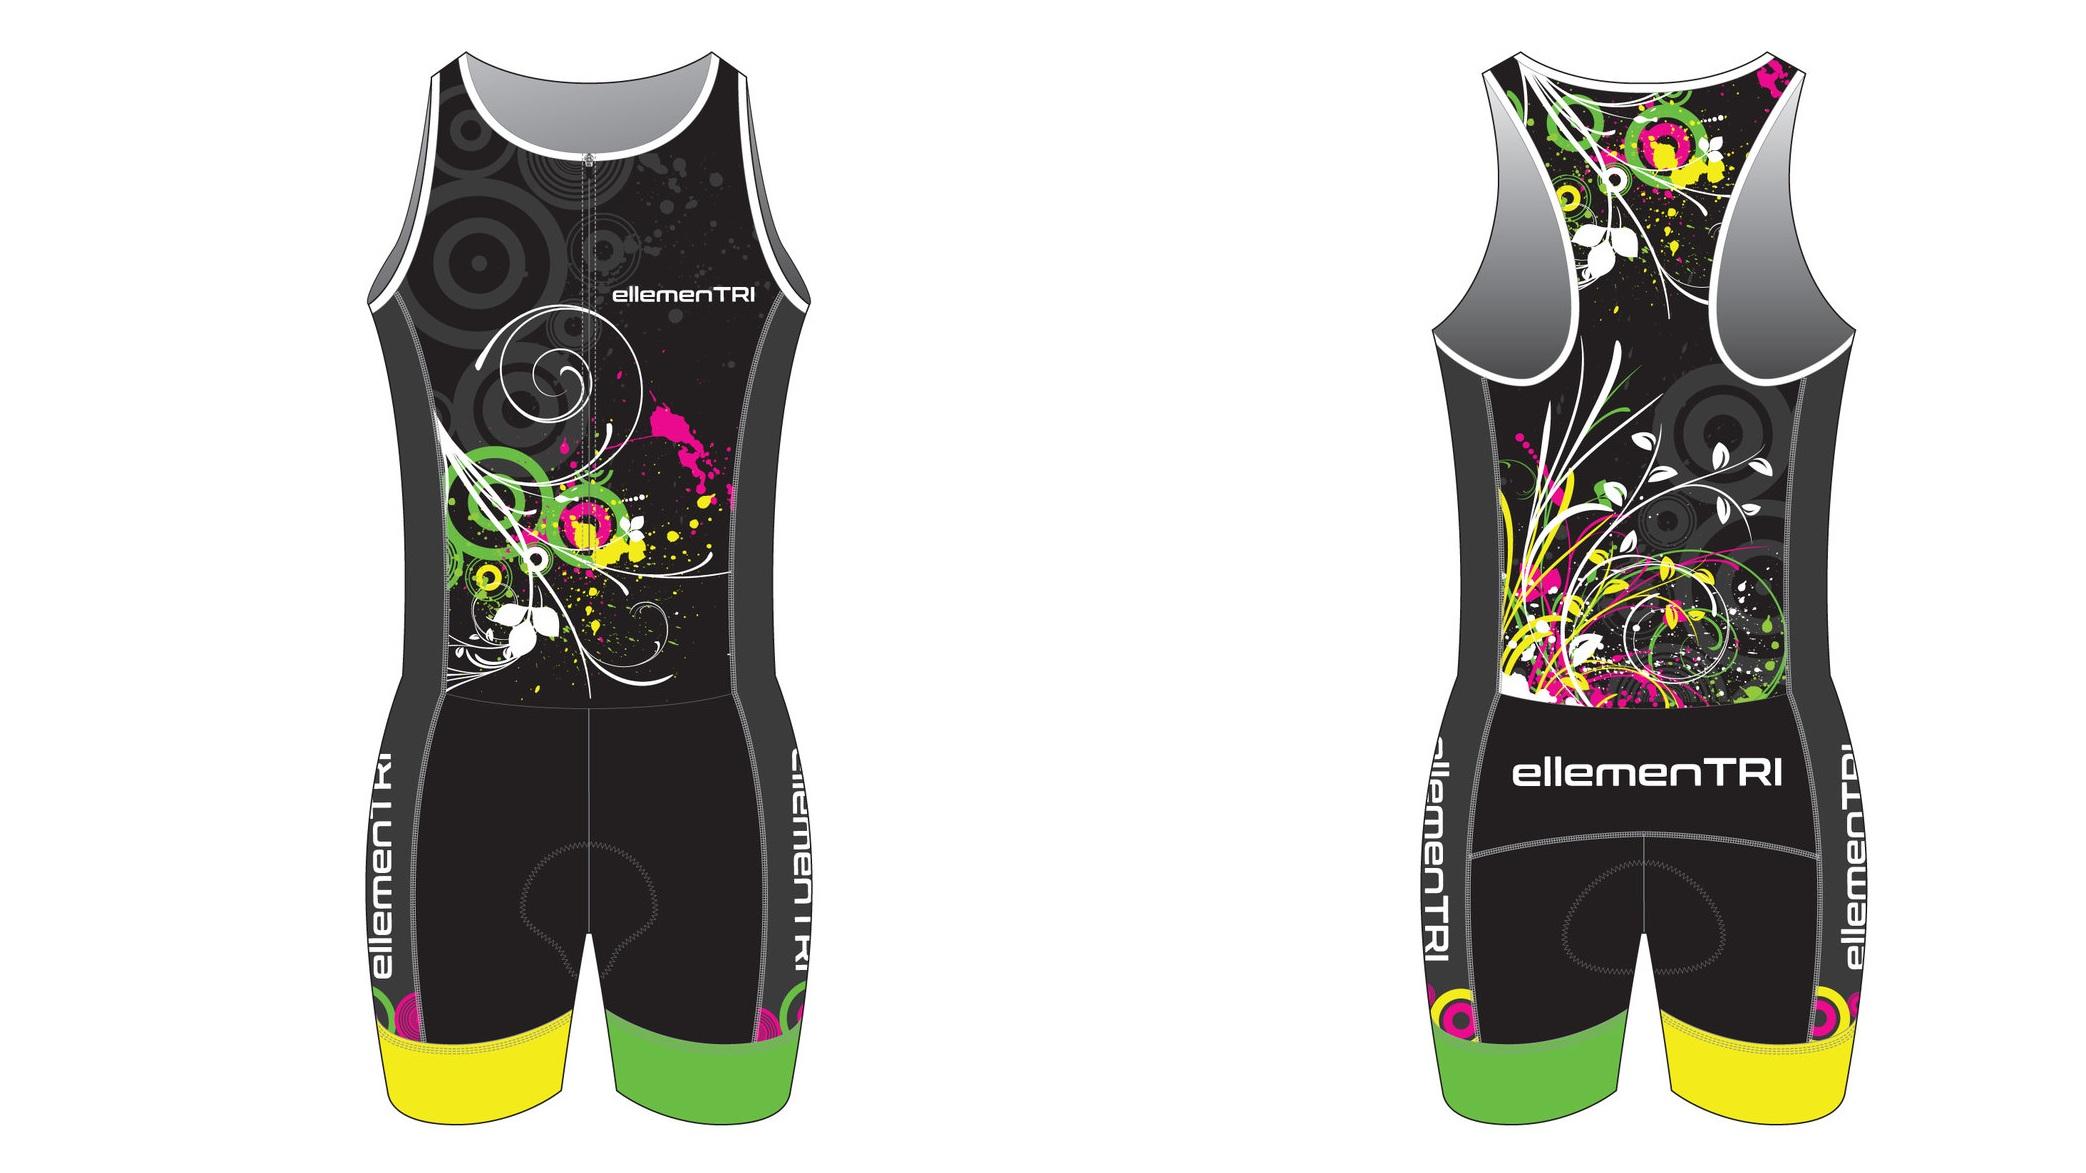 ellementri floral blue womens triathlon trisuit